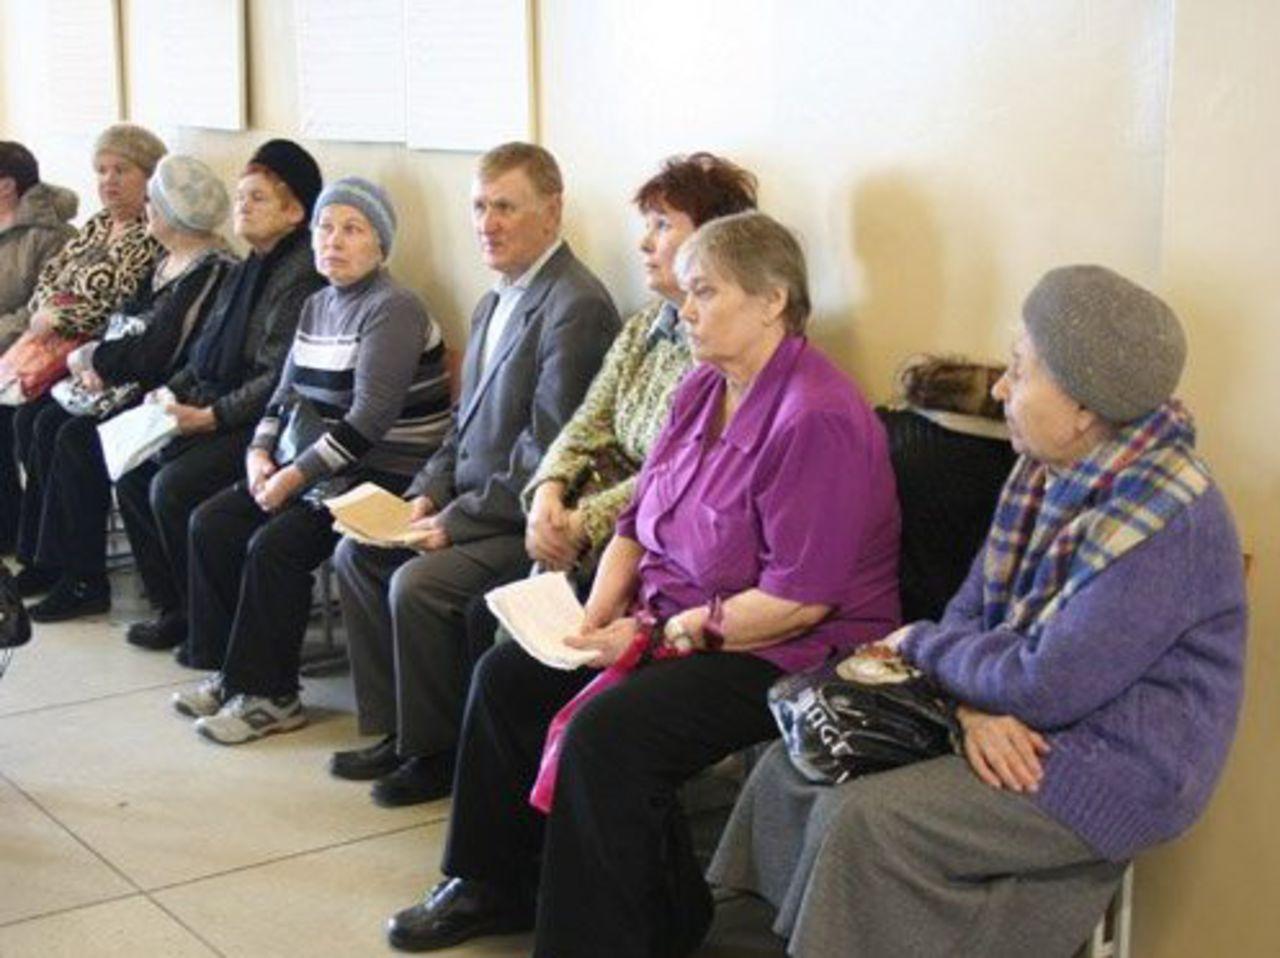 Мы, пенсионеры, опять лишние... теперь в поликлиниках мешаем...